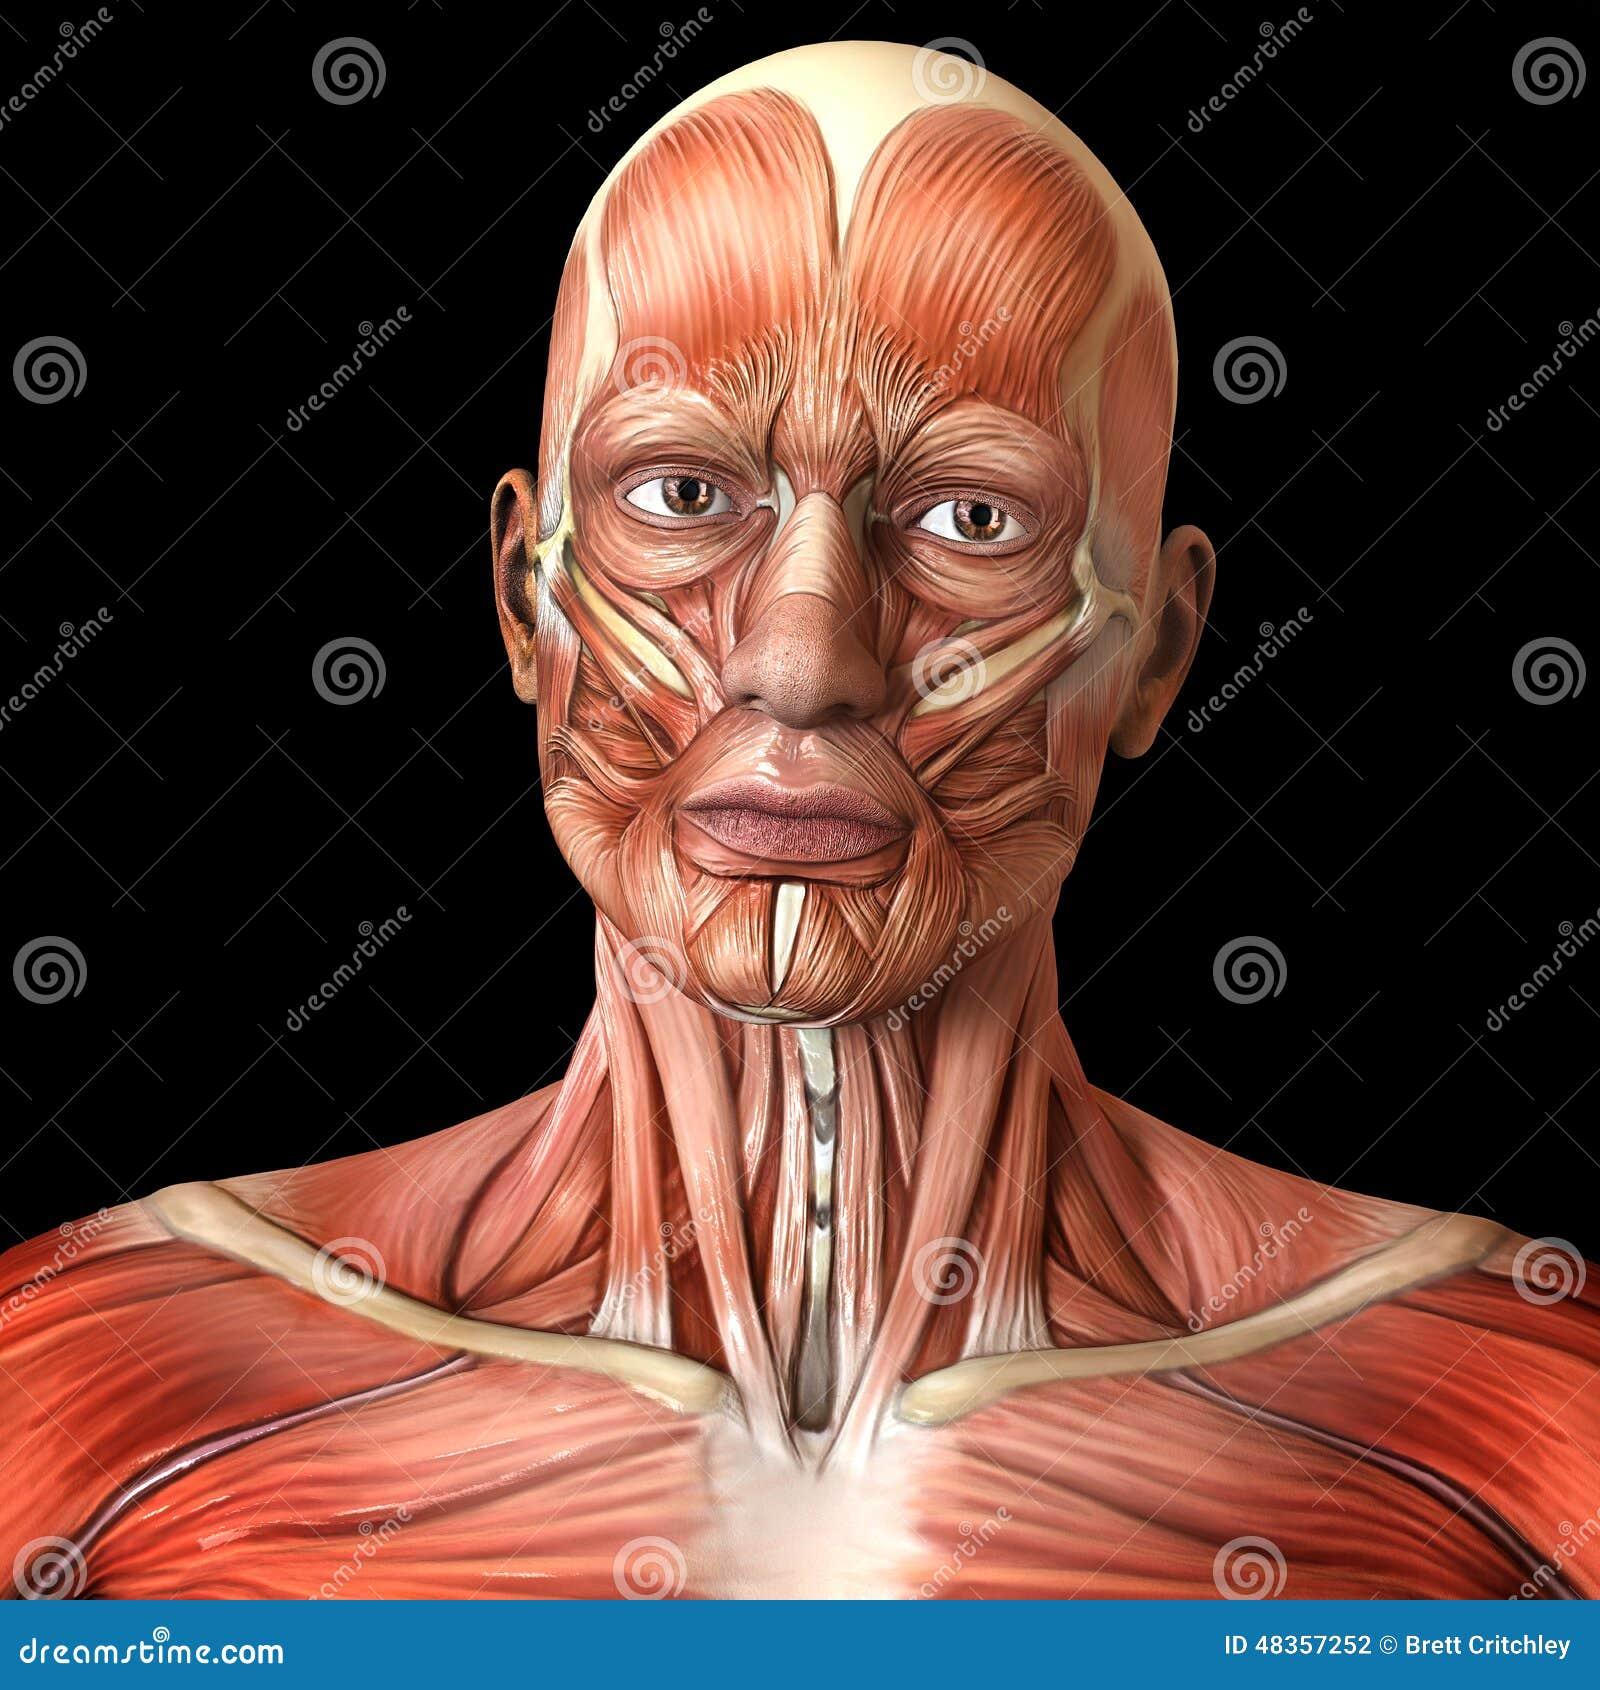 Quels sont les os du visage? - laisseterrecom